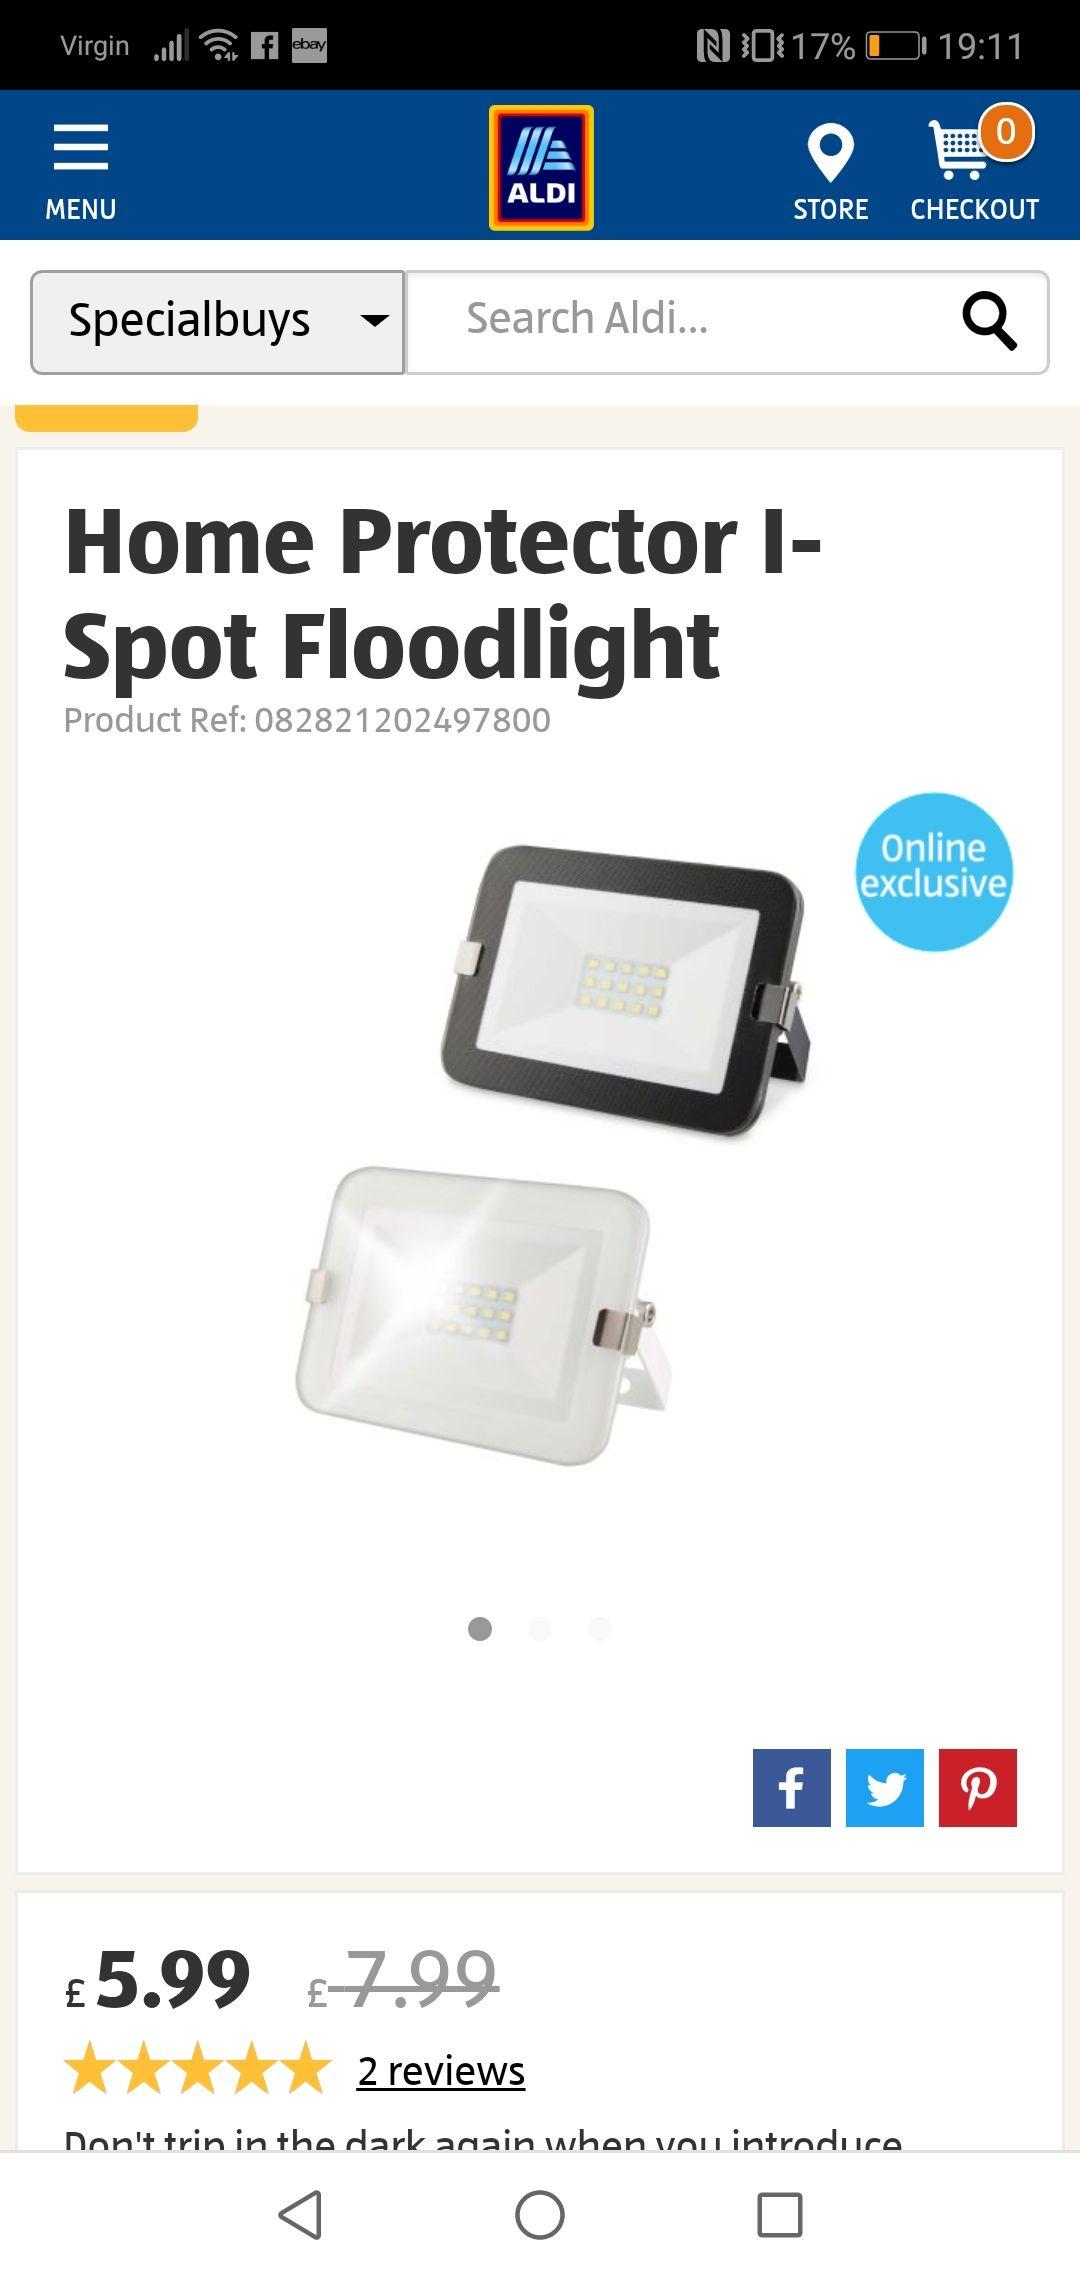 Home Protector I-Spot Floodlight £5.99 / £8.94 delivered @ Aldi discount offer